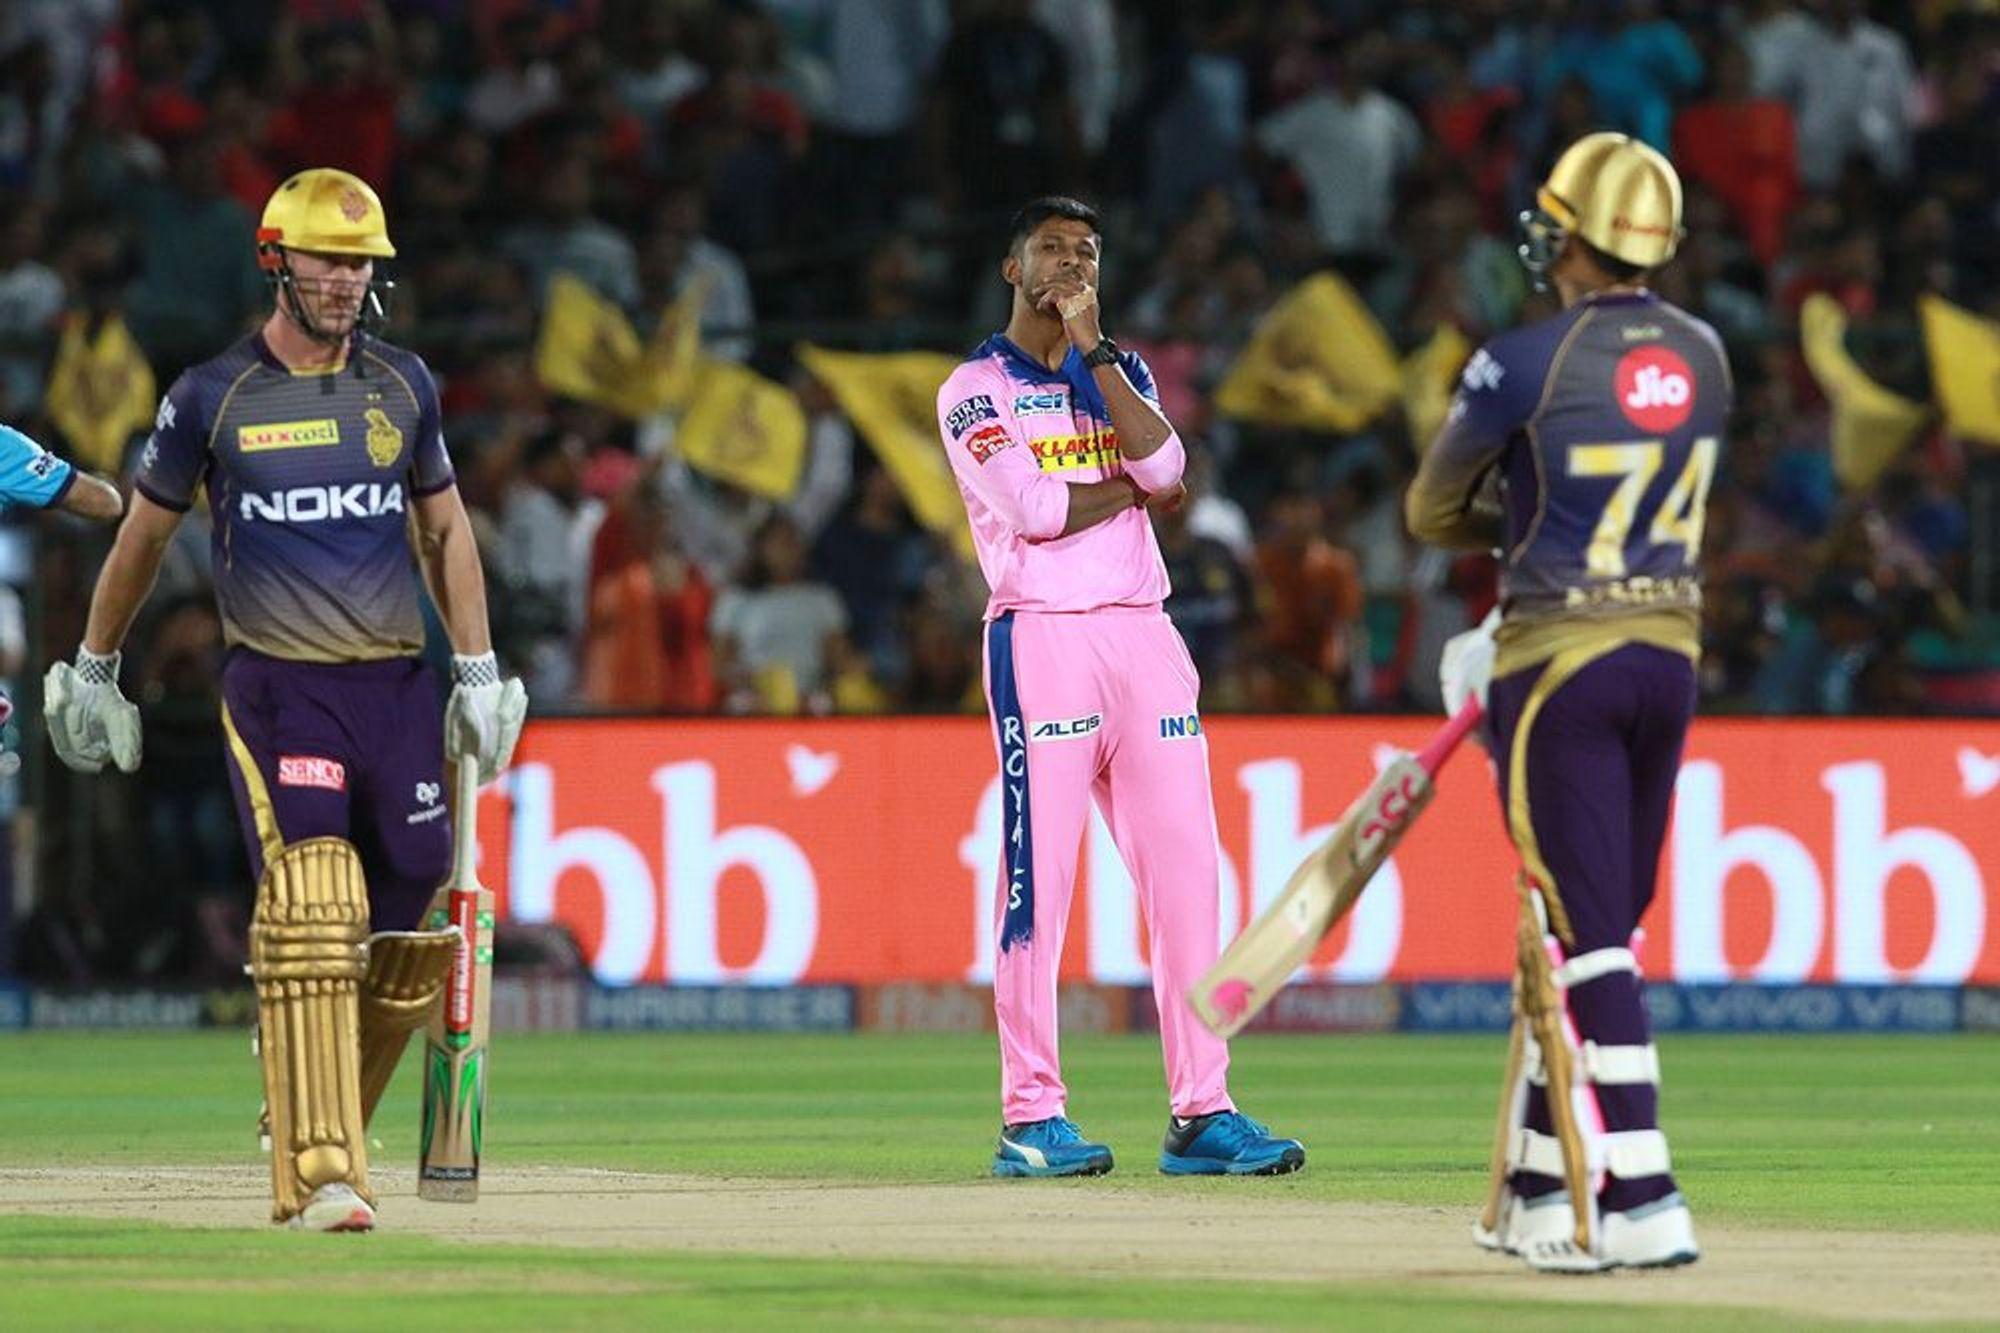 RRvsKKR : केकेआर ने राजस्थान को 8 विकेट से हराया, स्मिथ-बटलर की इस गलती की वजह से हारा राजस्थान 1